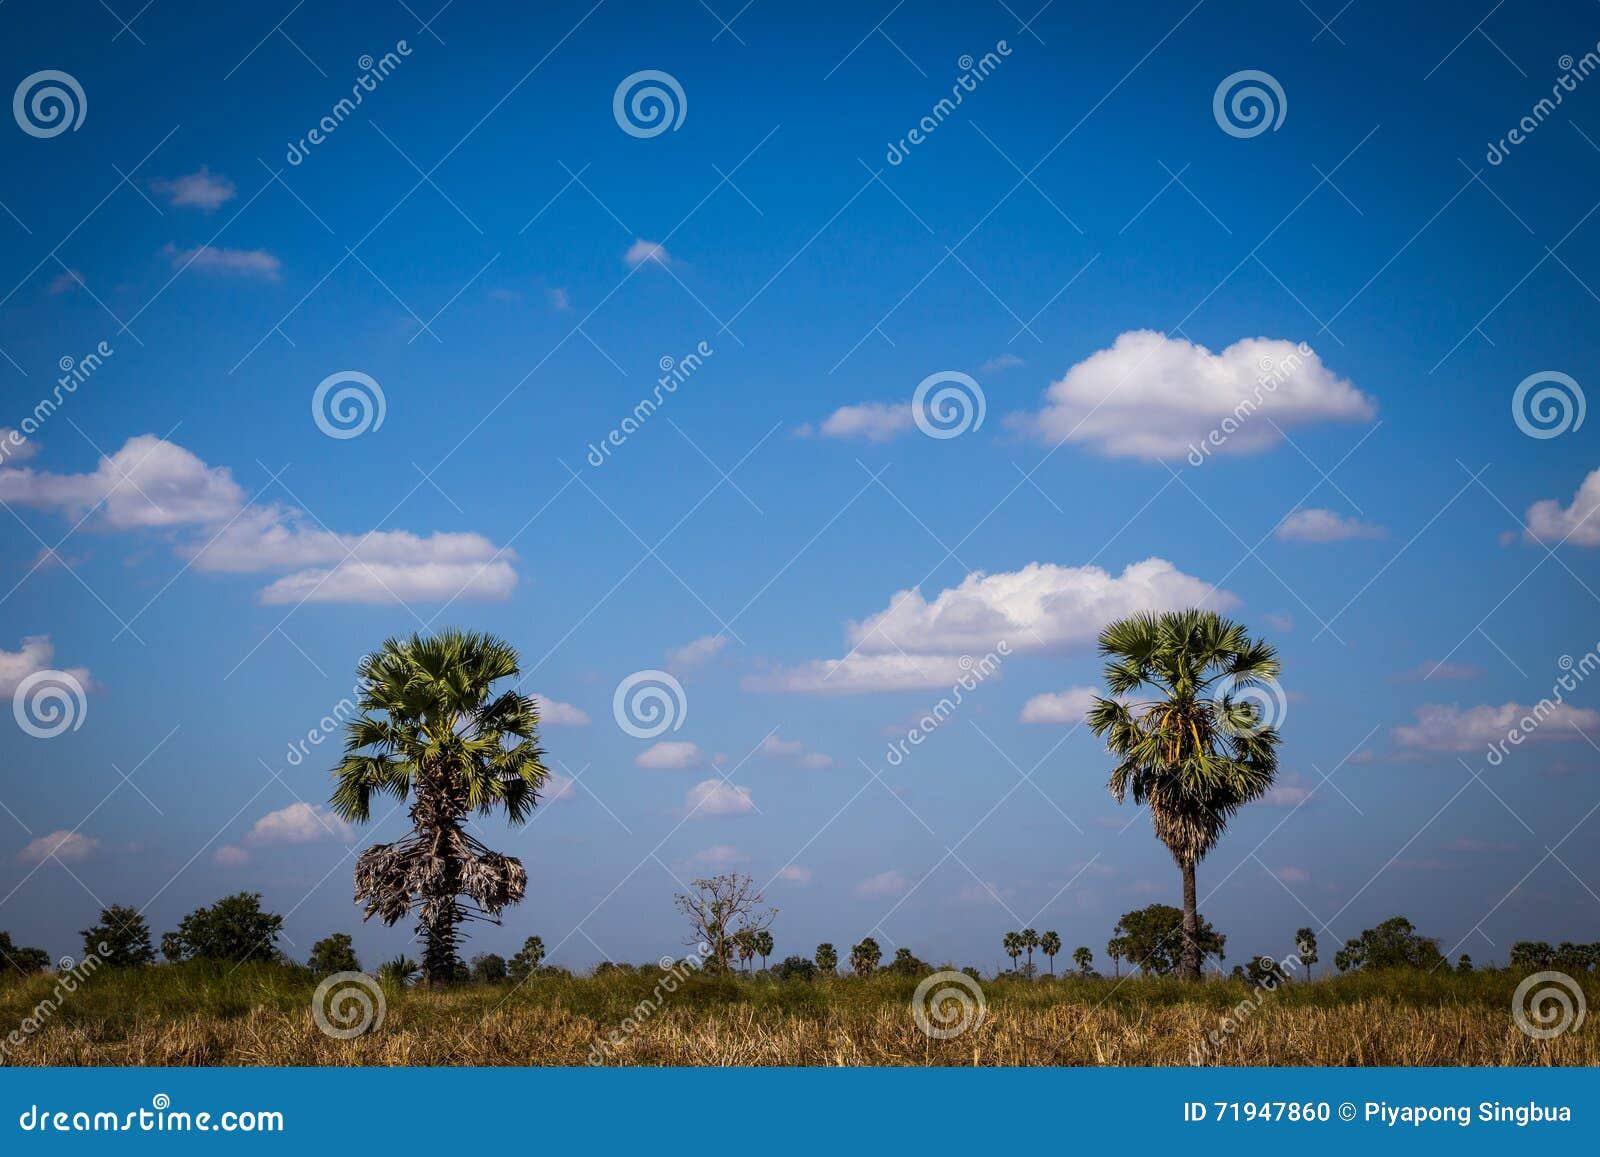 Ладонь сахара с полем риса на голубом небе